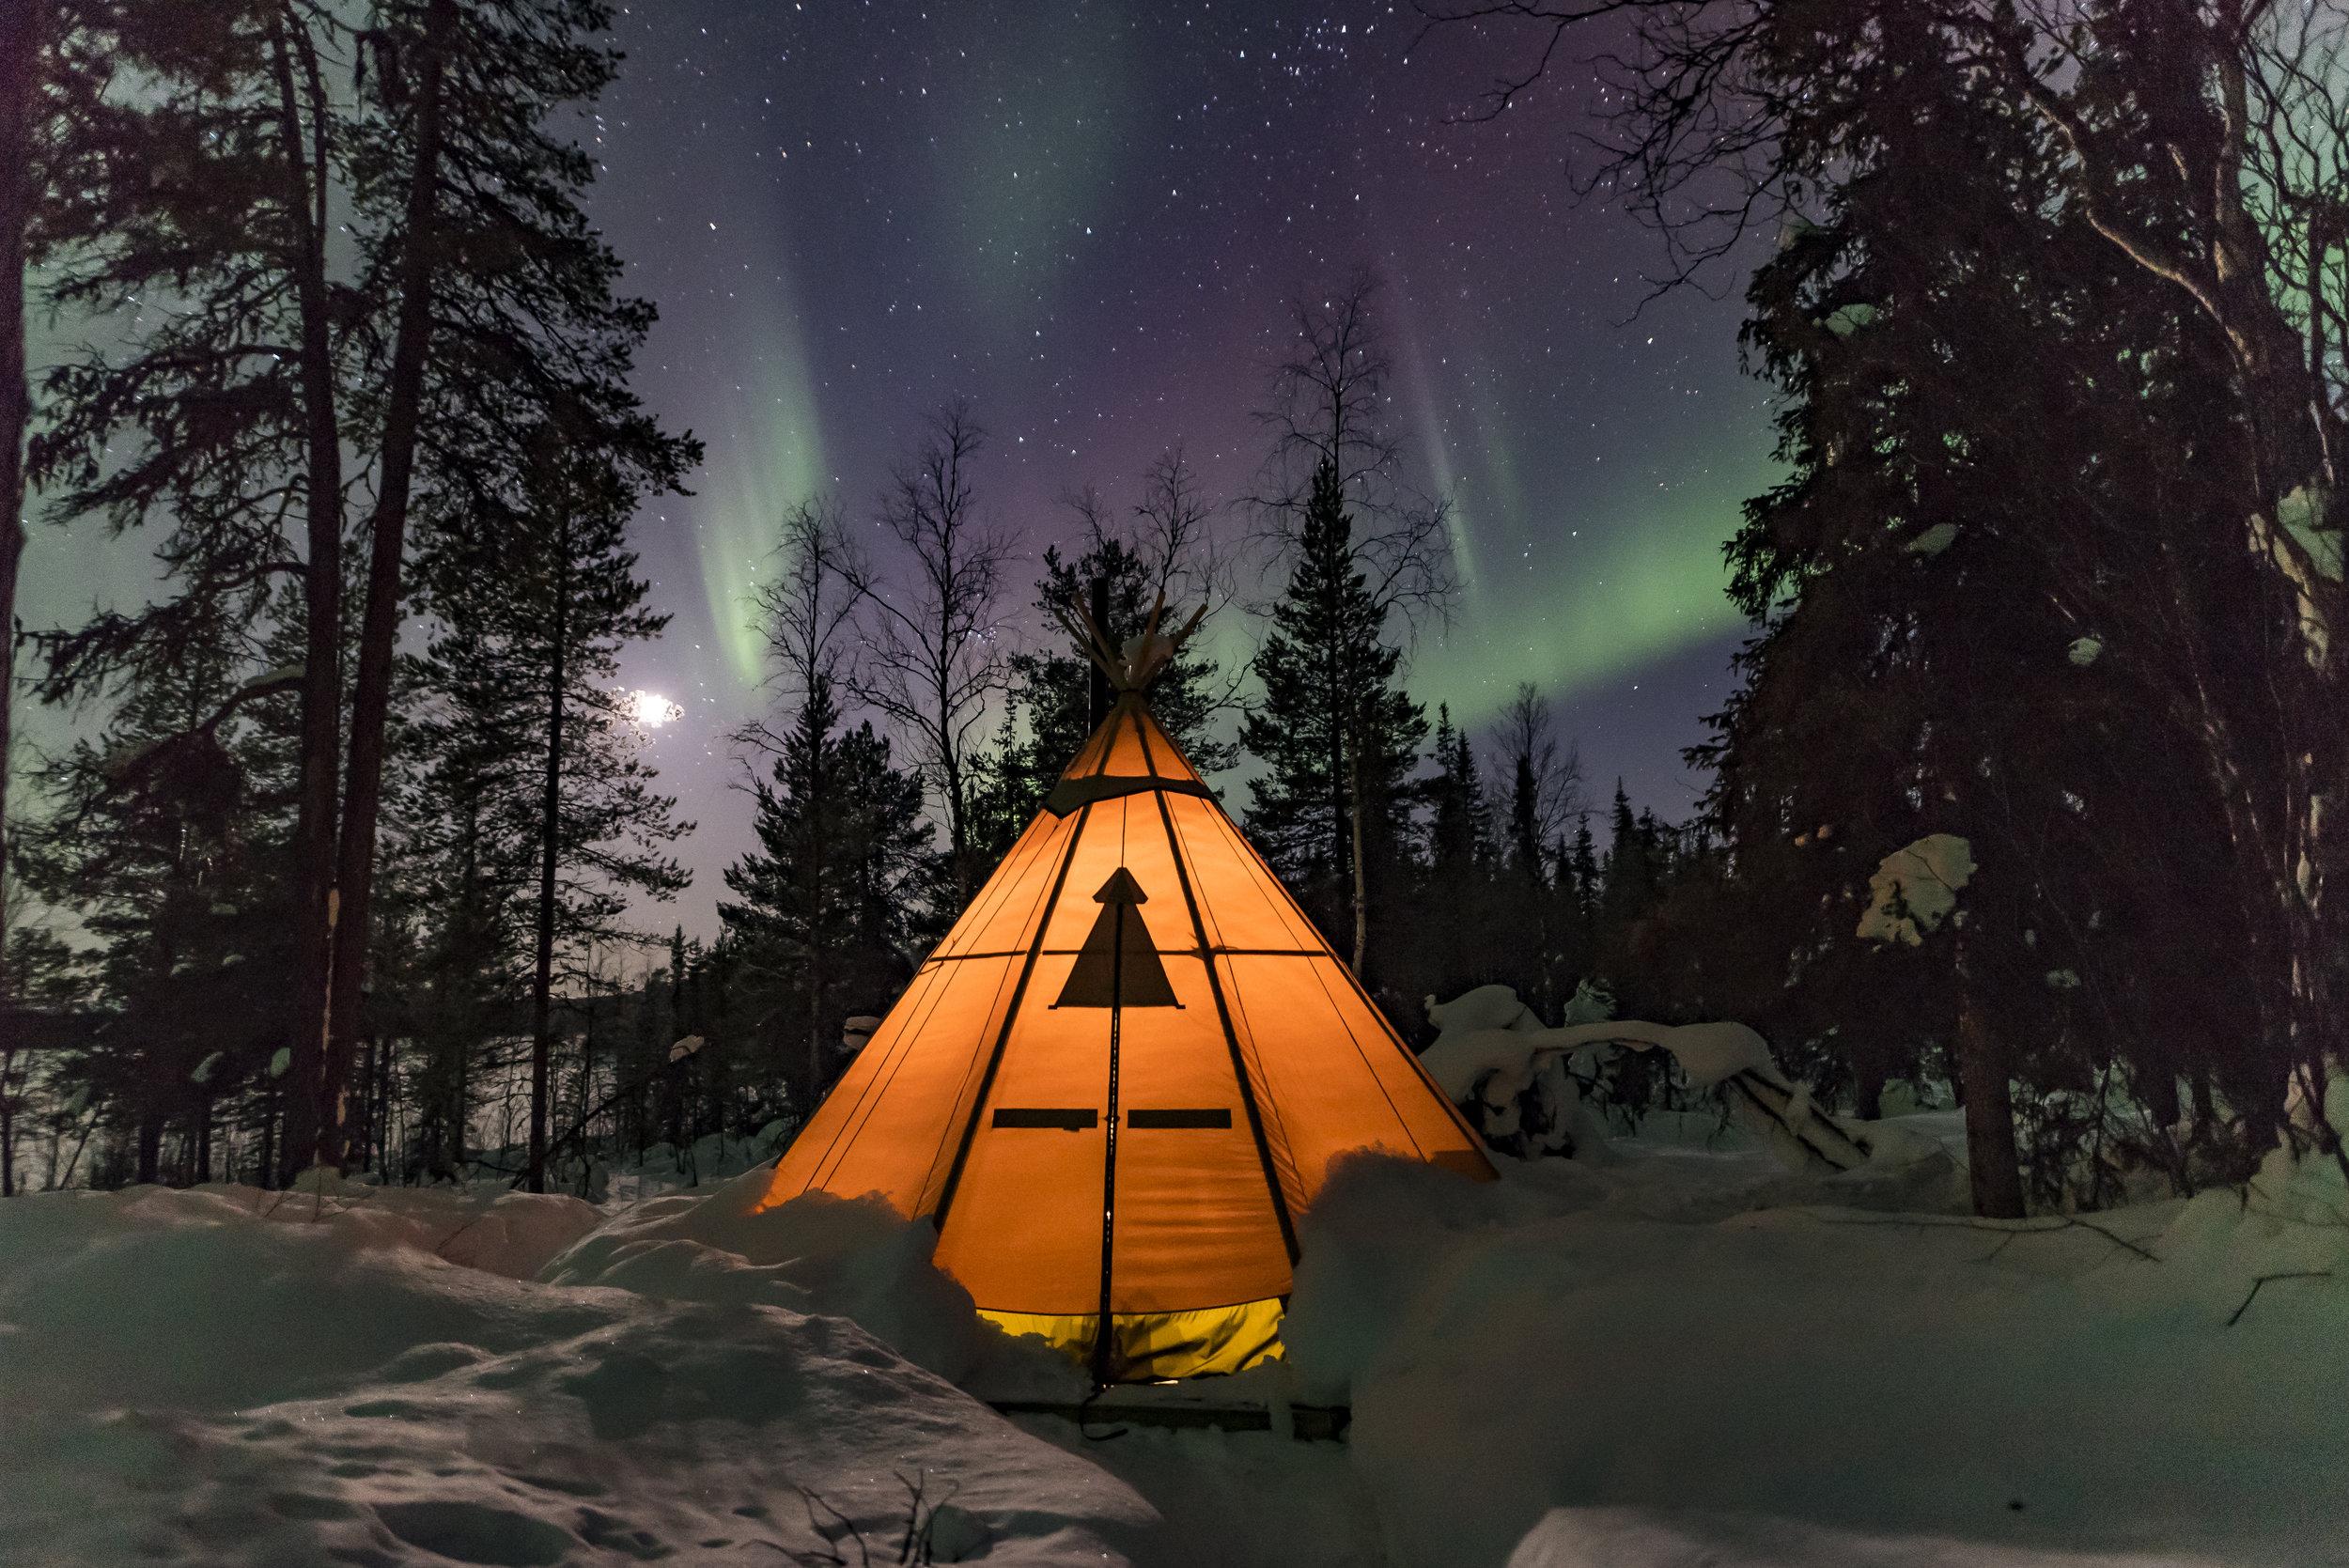 Ett av tälten som vi sover i på våra turer. Lennart i Unna Tjerusj samby har fem uppvärmda tält vid Lulevattnets strand. En fantastiskt plats att se norrsken och samtidigt lära sig mer om den samiska kulturen.